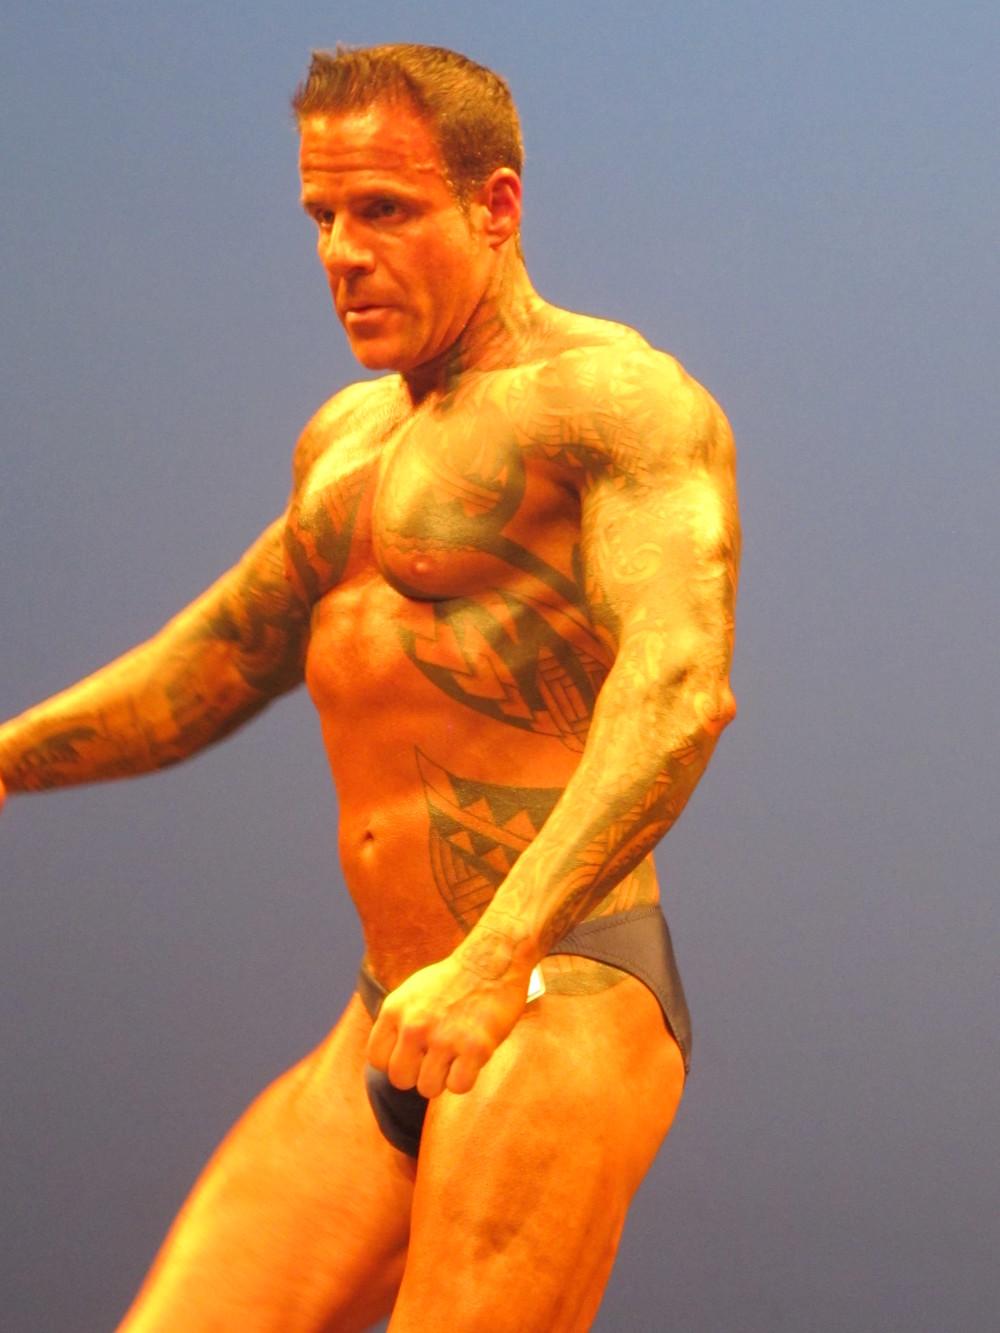 bodybuilding 232.jpg